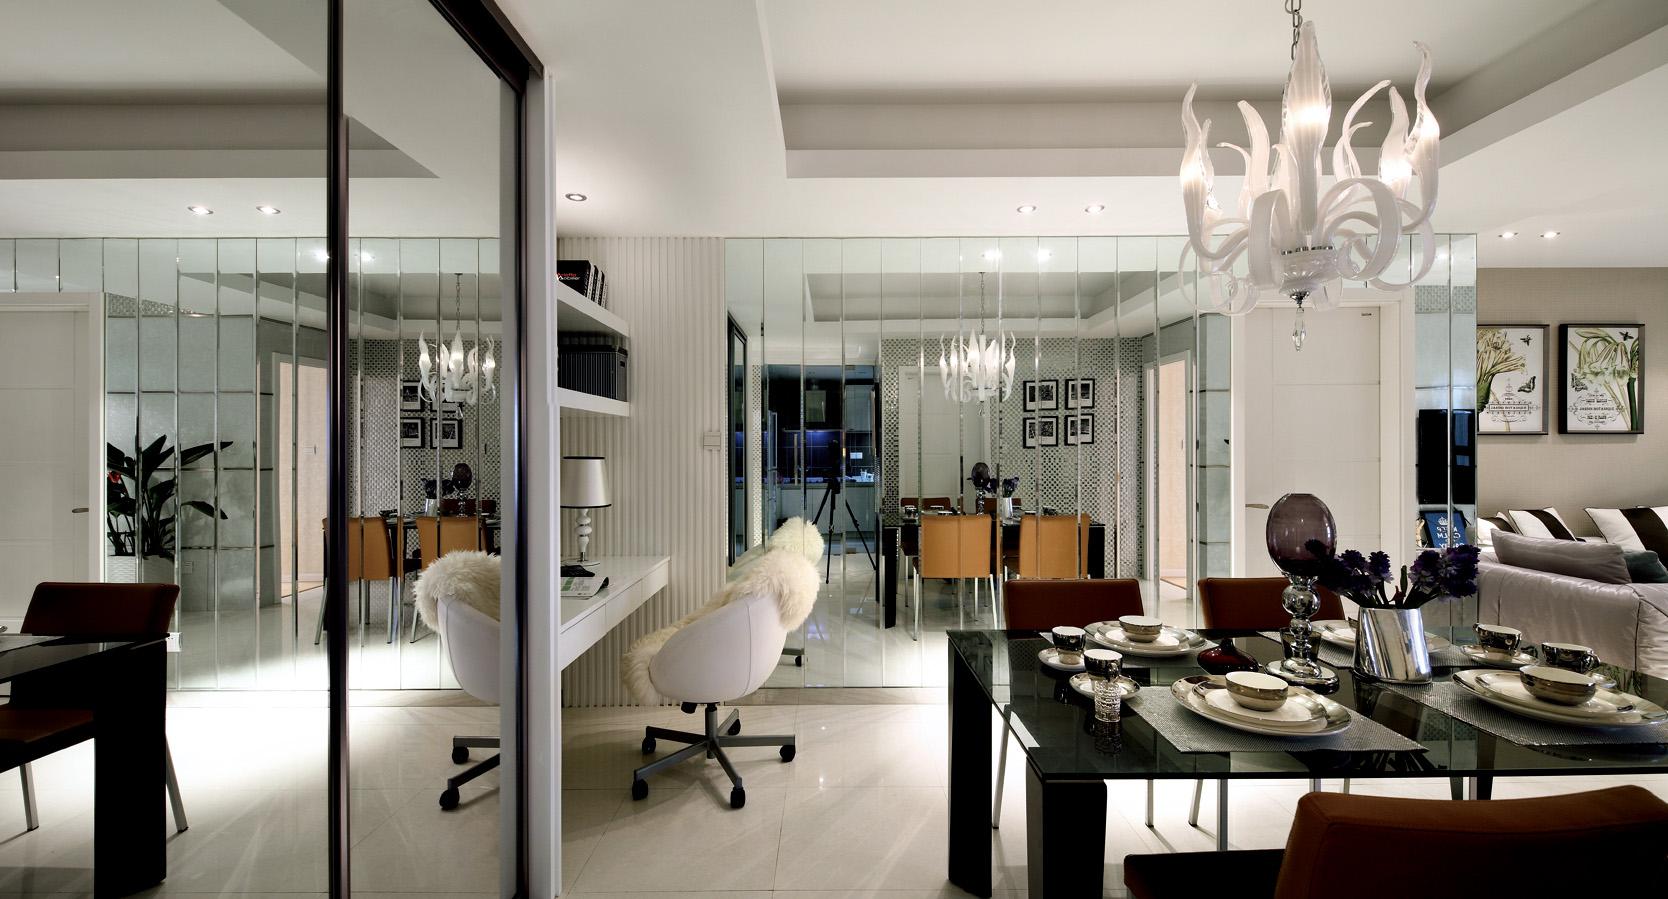 餐厅和客厅是一体式,整个一连串,很好的节约整个空间